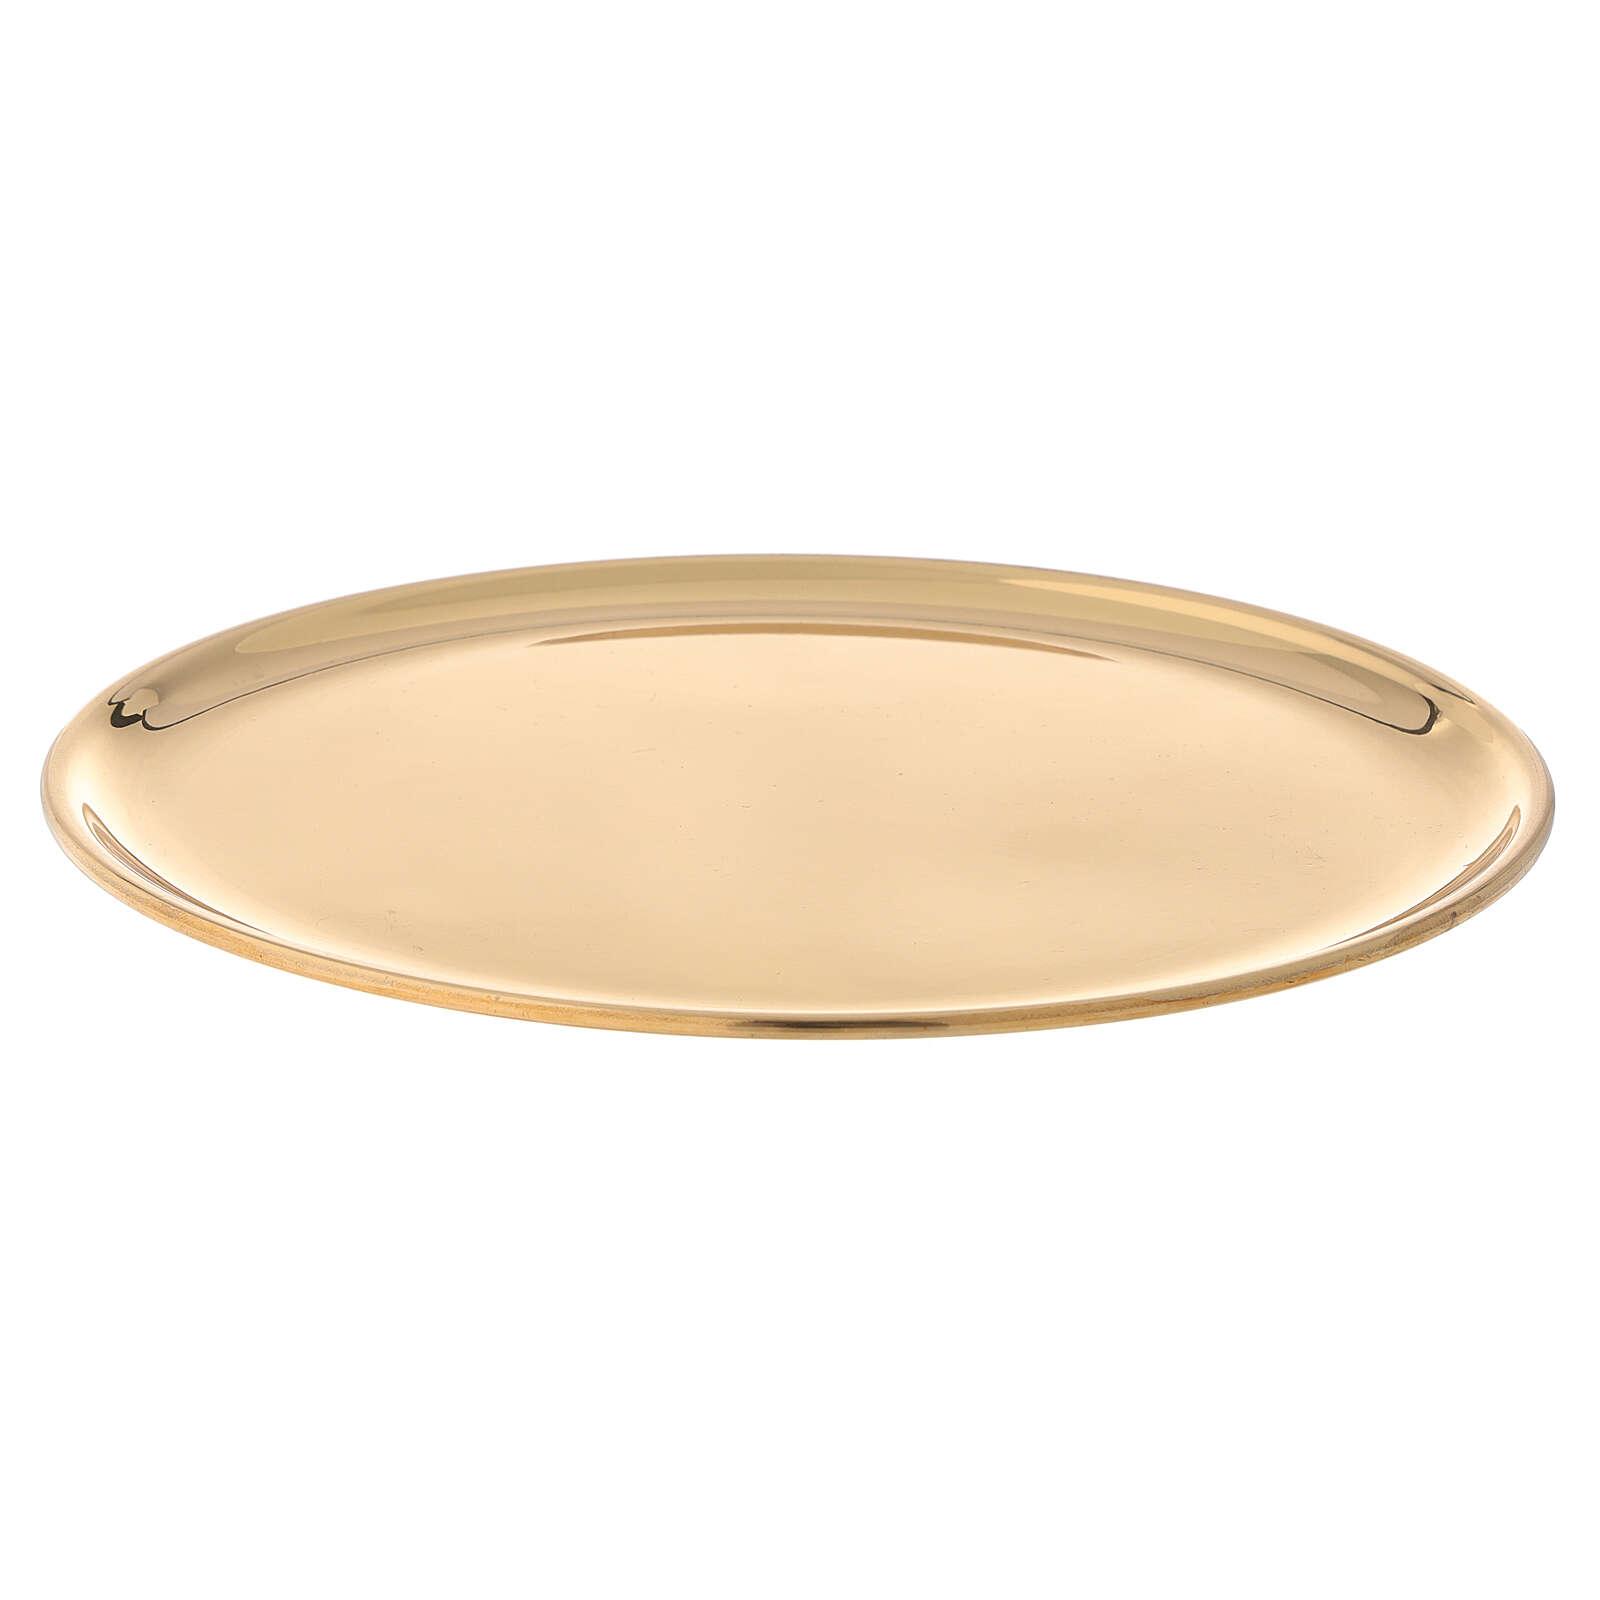 Piatto candele diametro 19 cm ottone dorato lucido 3